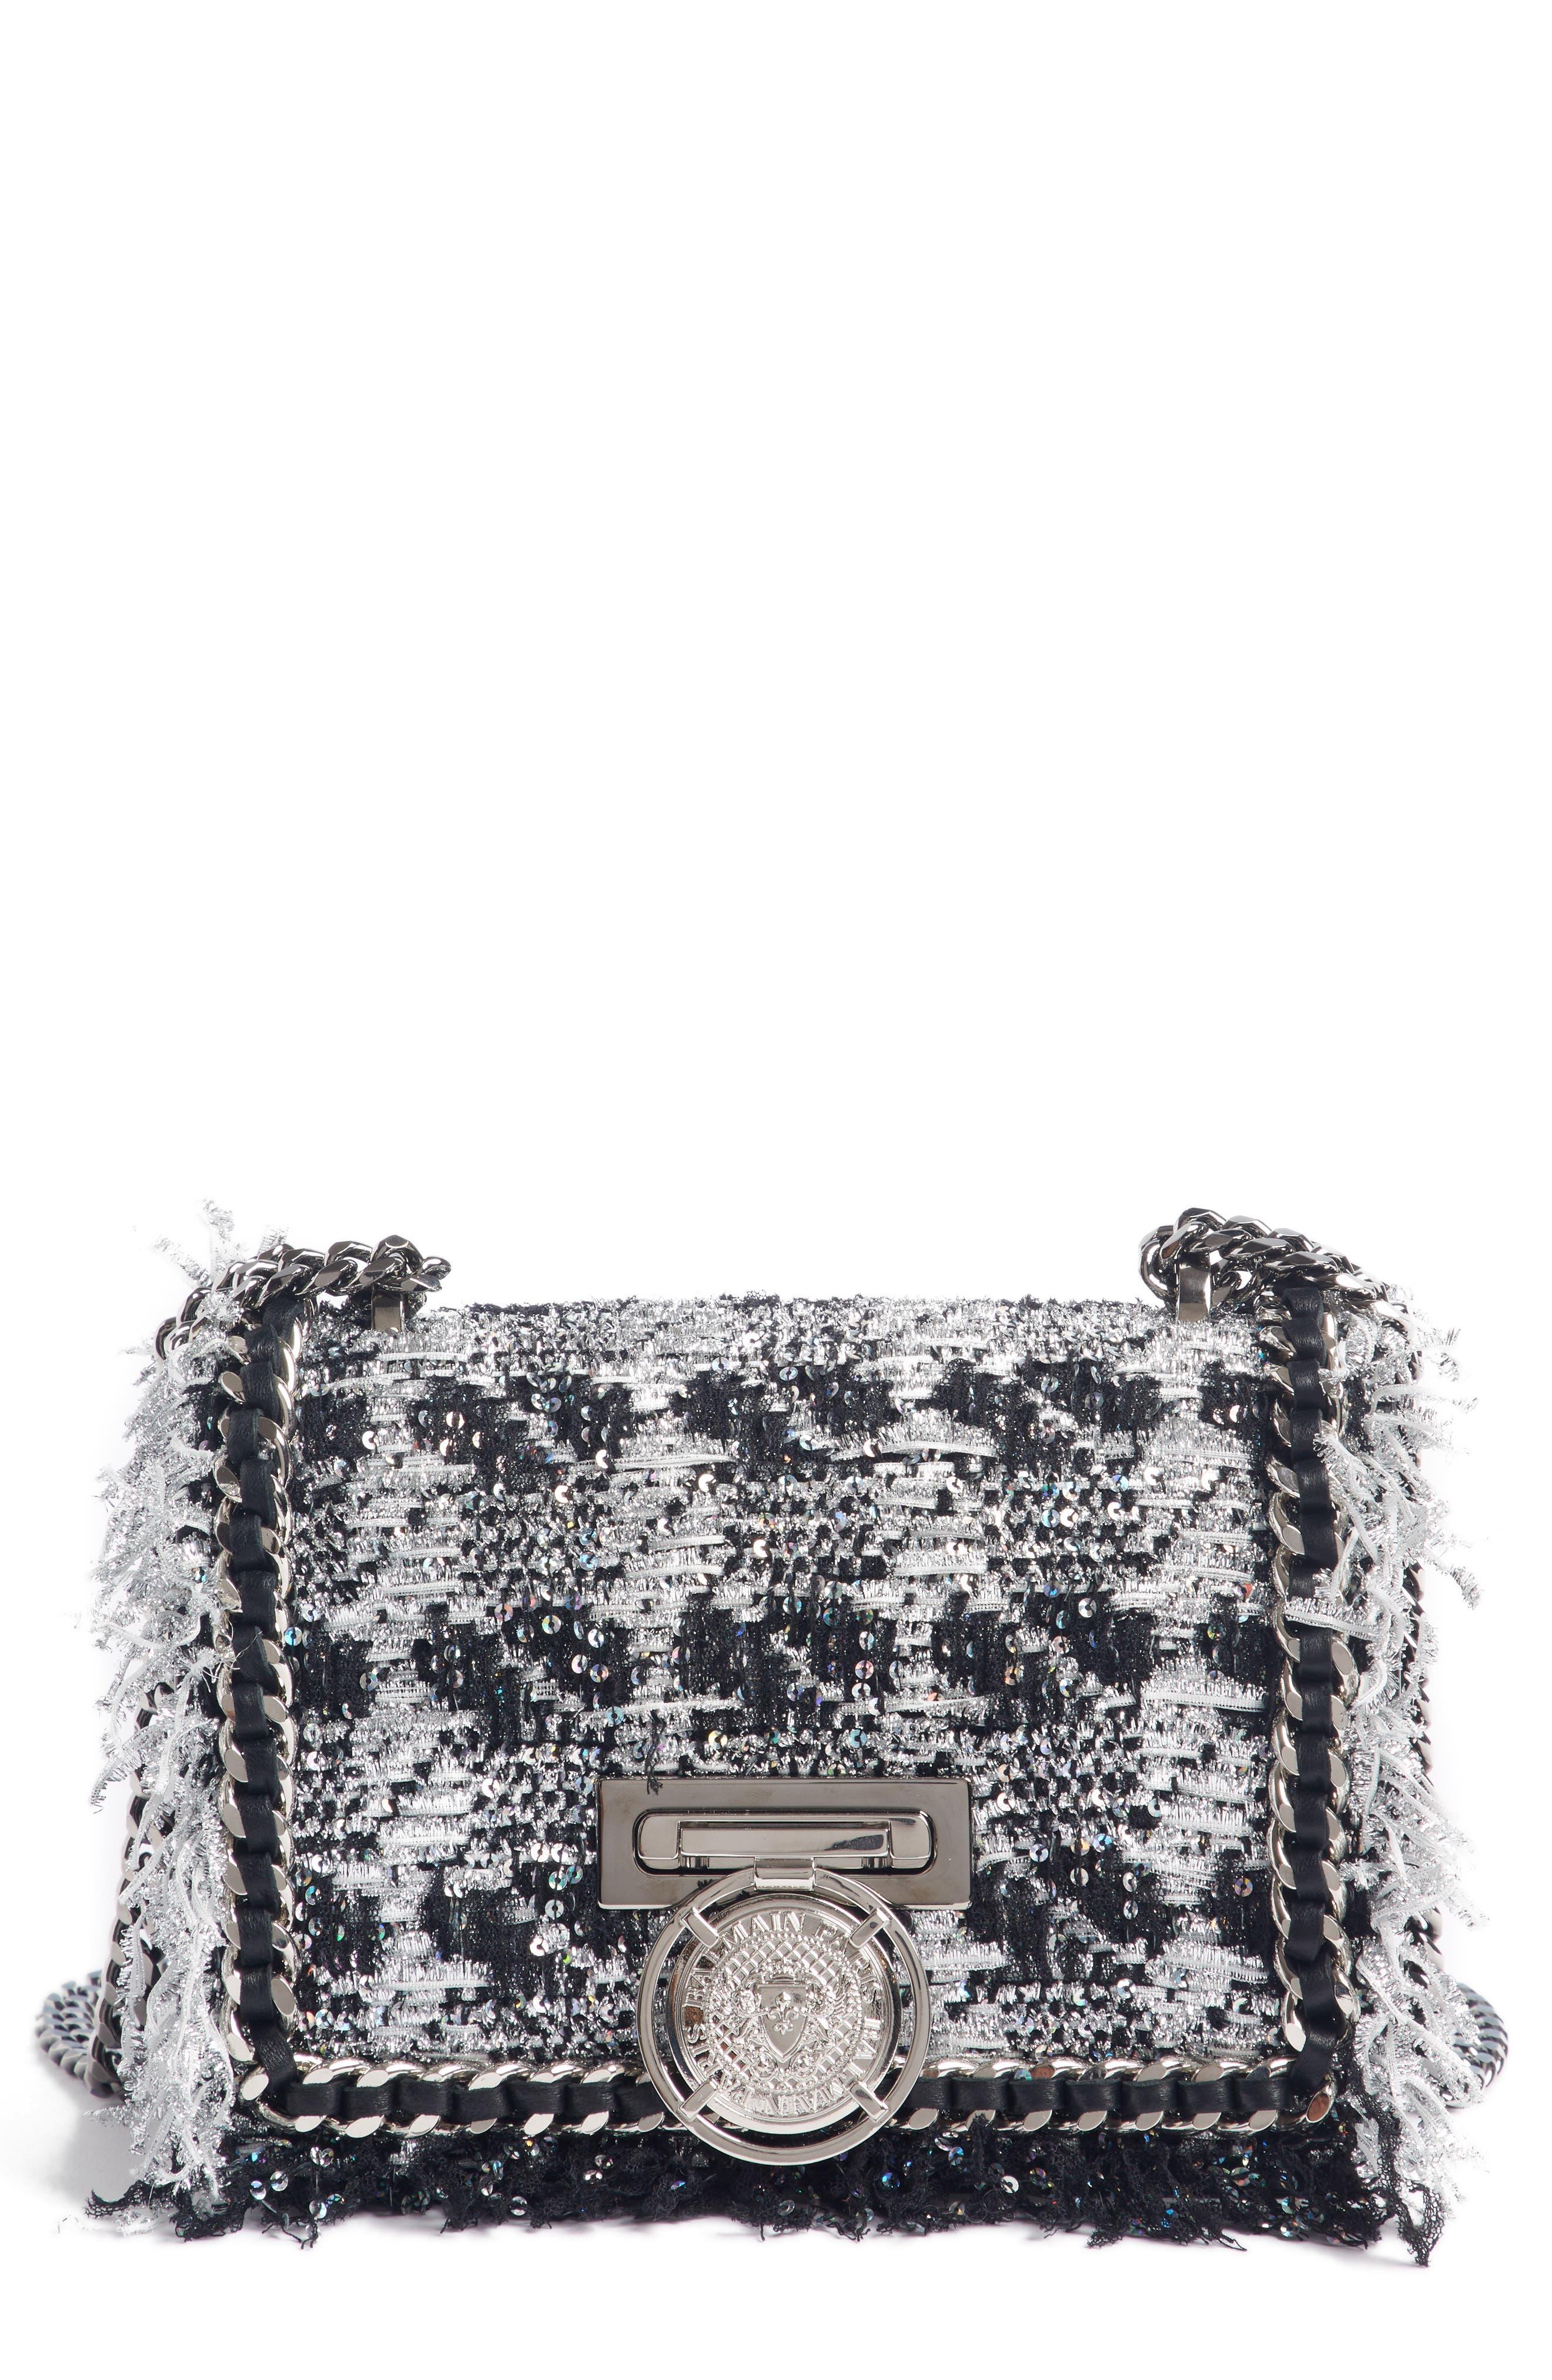 Metallic Tweed & Leather Box Shoulder Bag,                             Main thumbnail 1, color,                             NOIR/ ARGENT